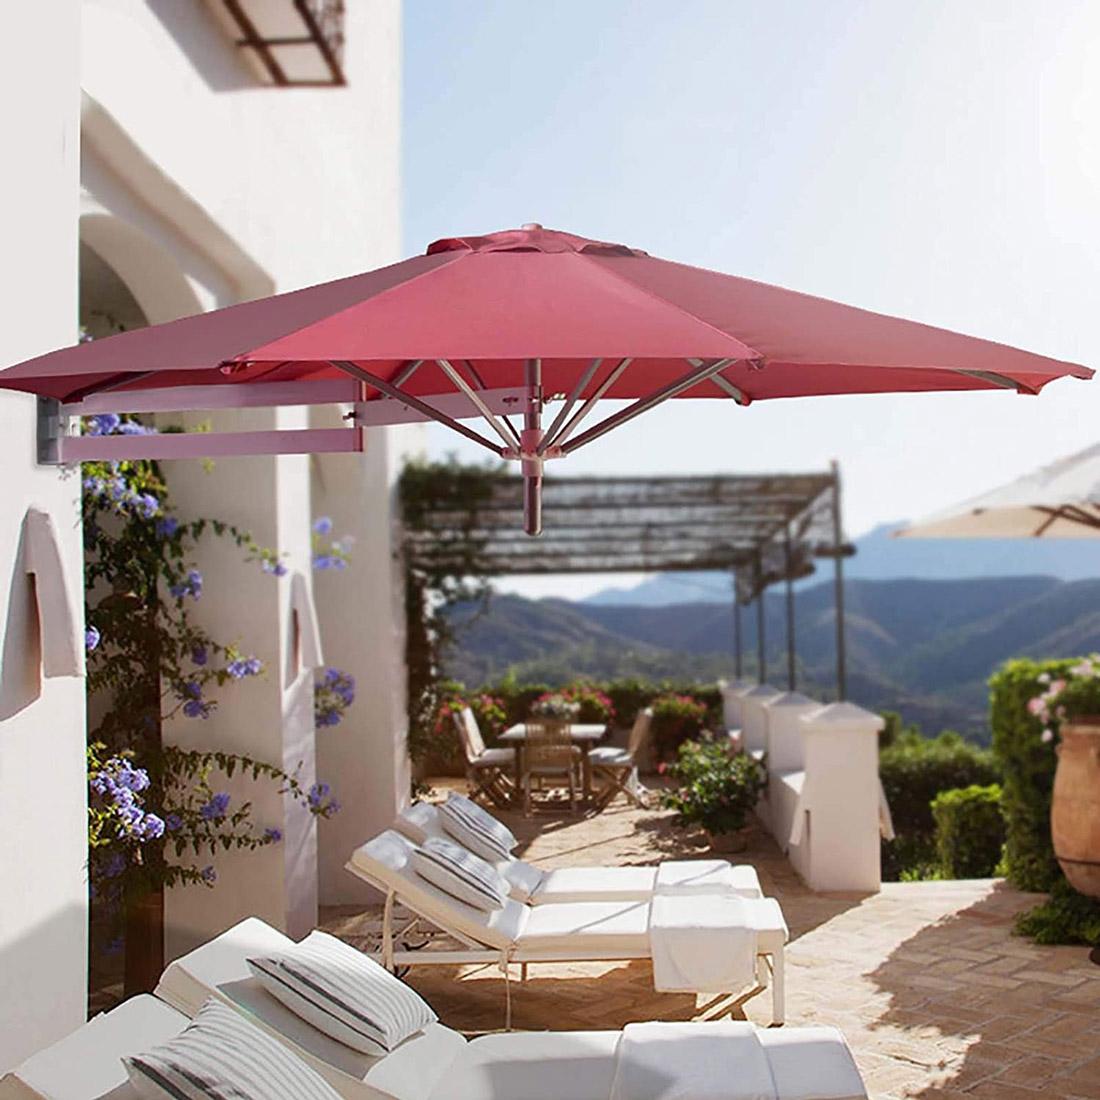 Wall Mount Patio Umbrellas Parasols